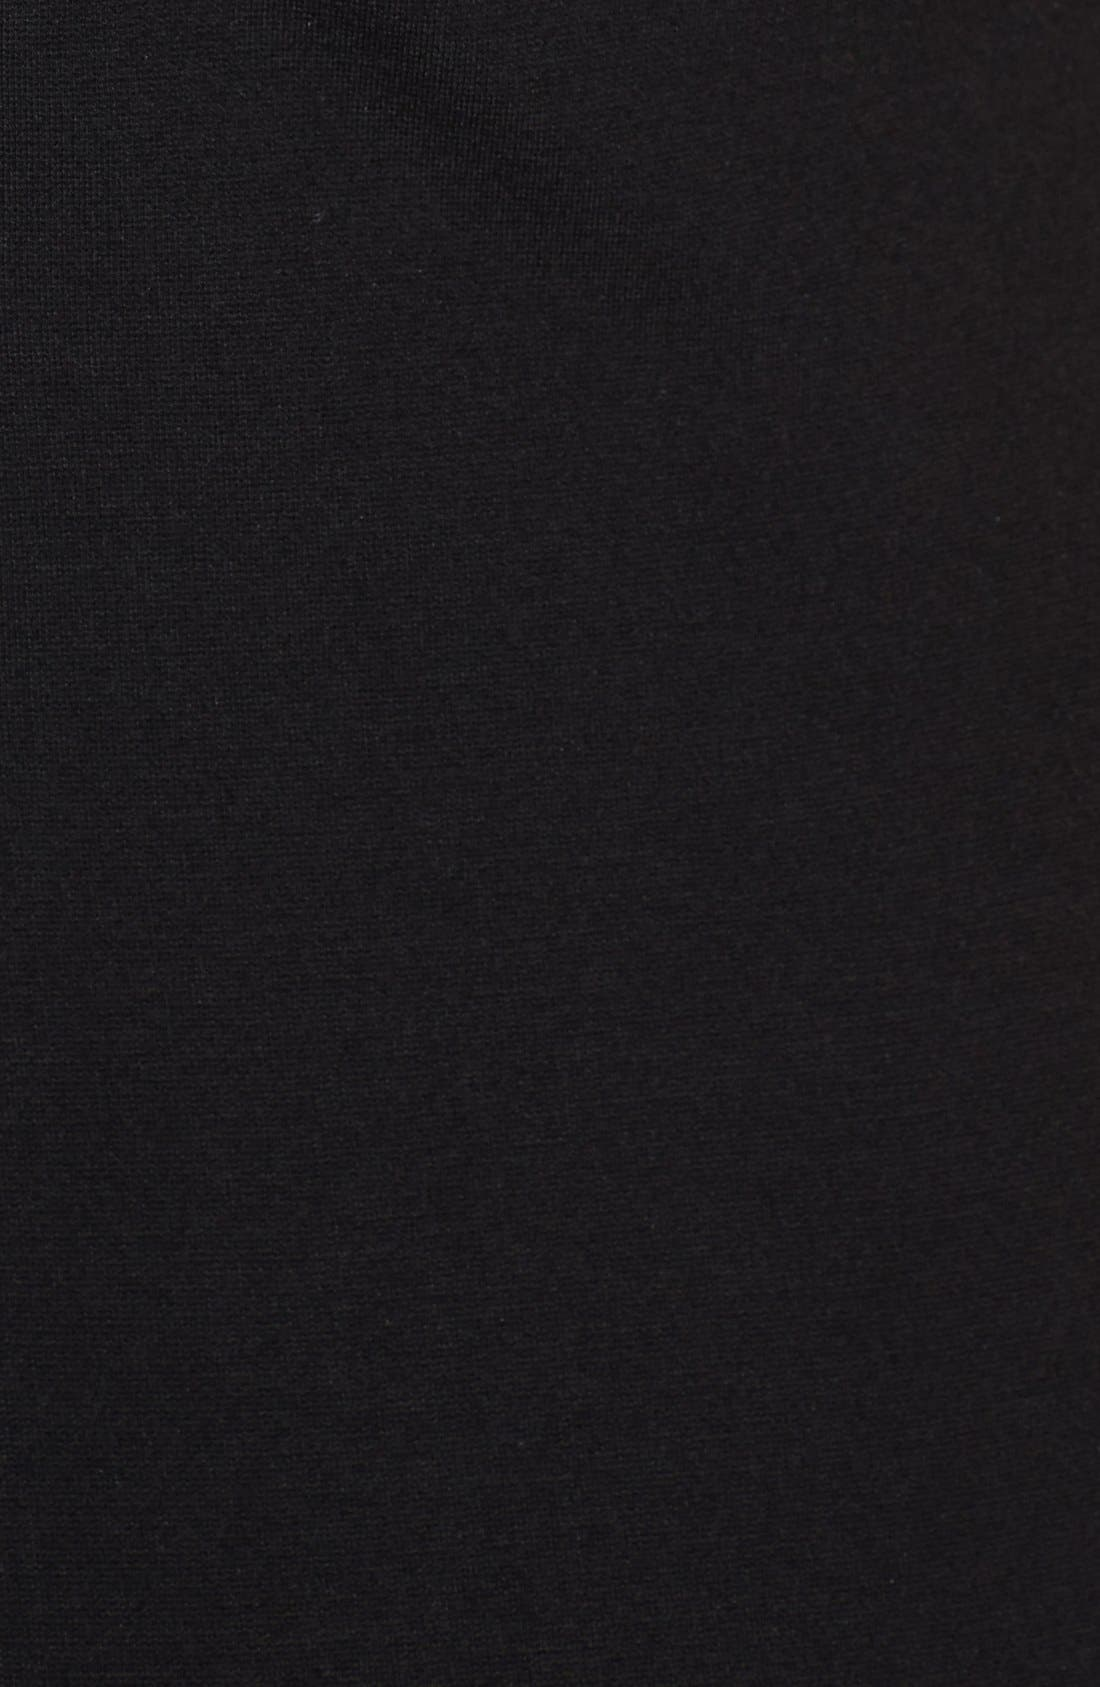 Alternate Image 3  - Diane von Furstenberg 'Amy' Knit Sheath Dress